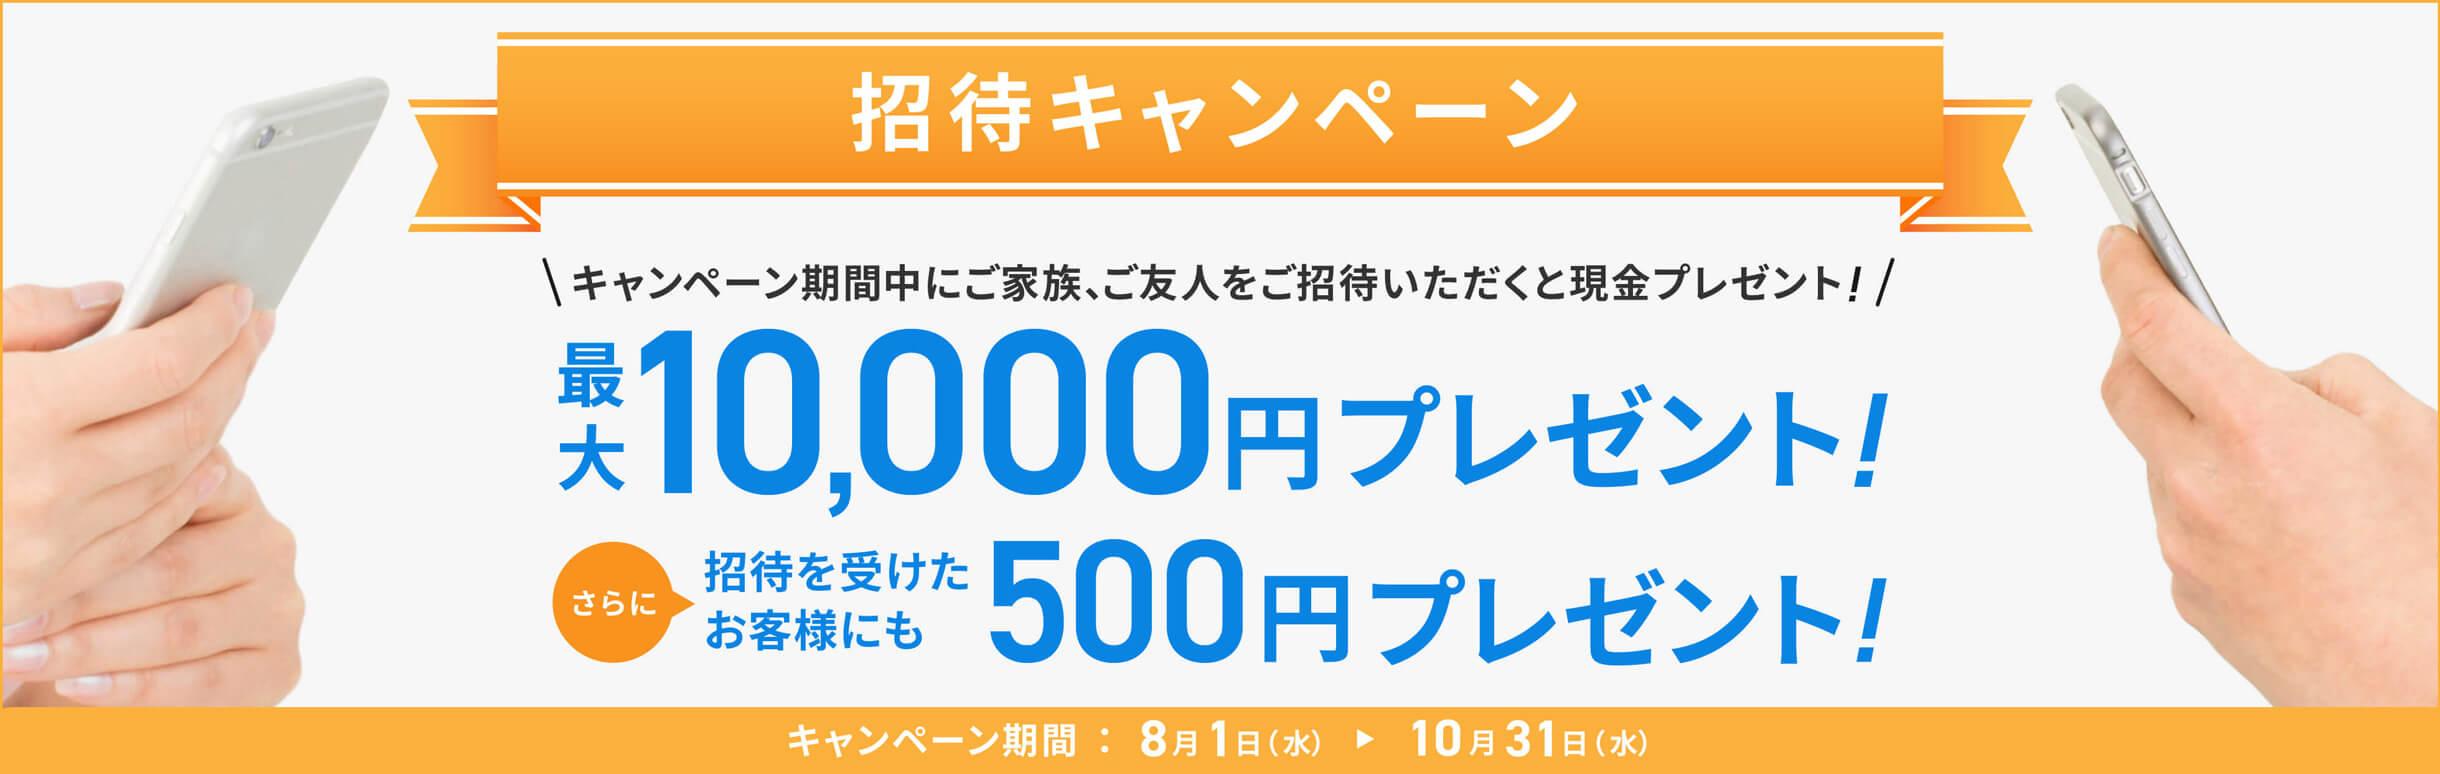 キャンペーン期間中にご家族、ご友人を招待いただいたお客様に最大10,000円プレゼント。さらに招待を受けた方にも500円プレゼント!